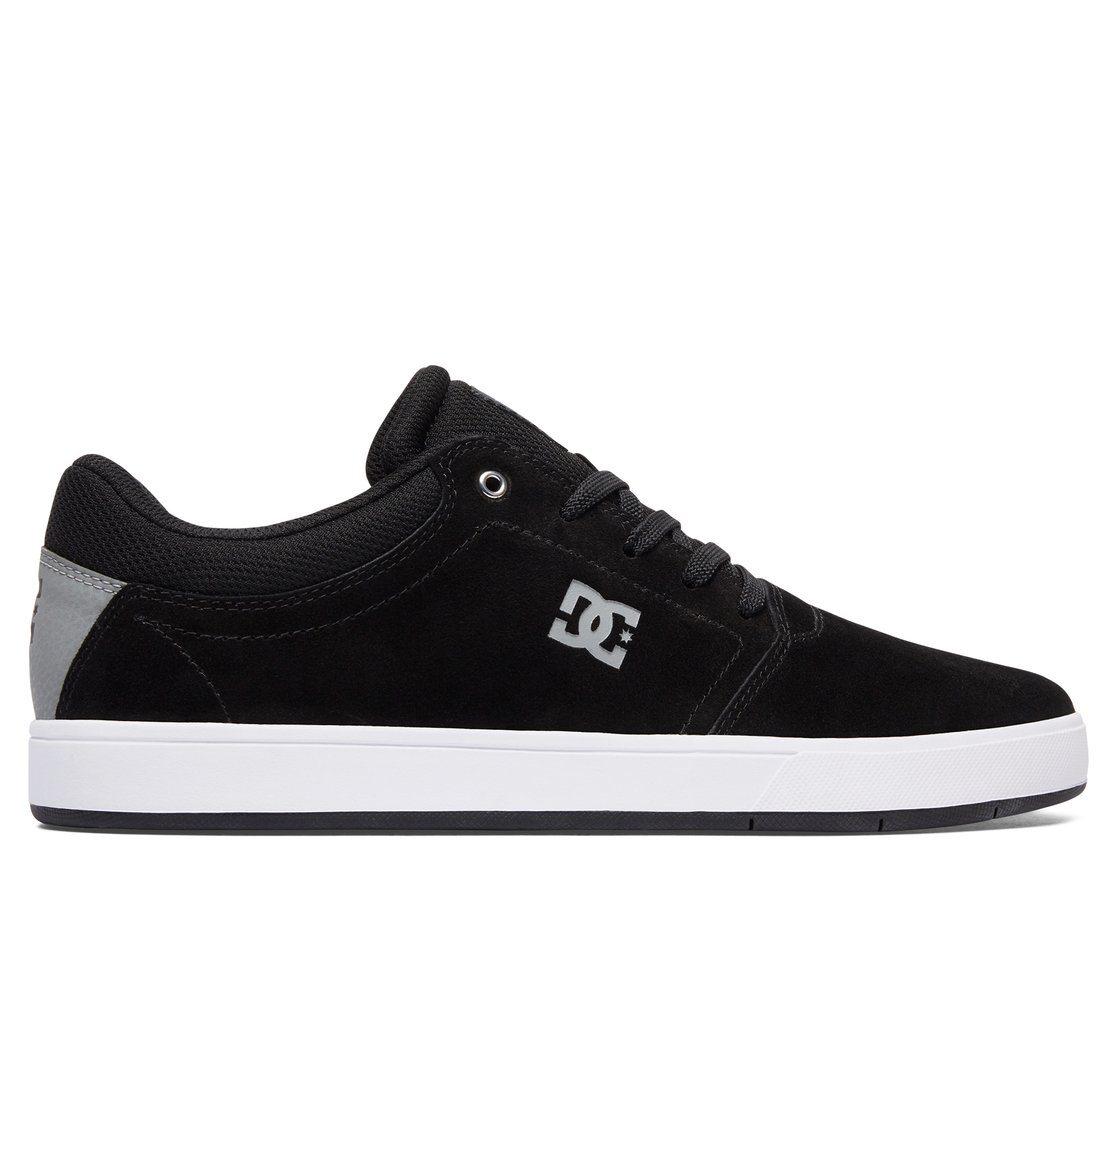 Jaguar Shoes Uk